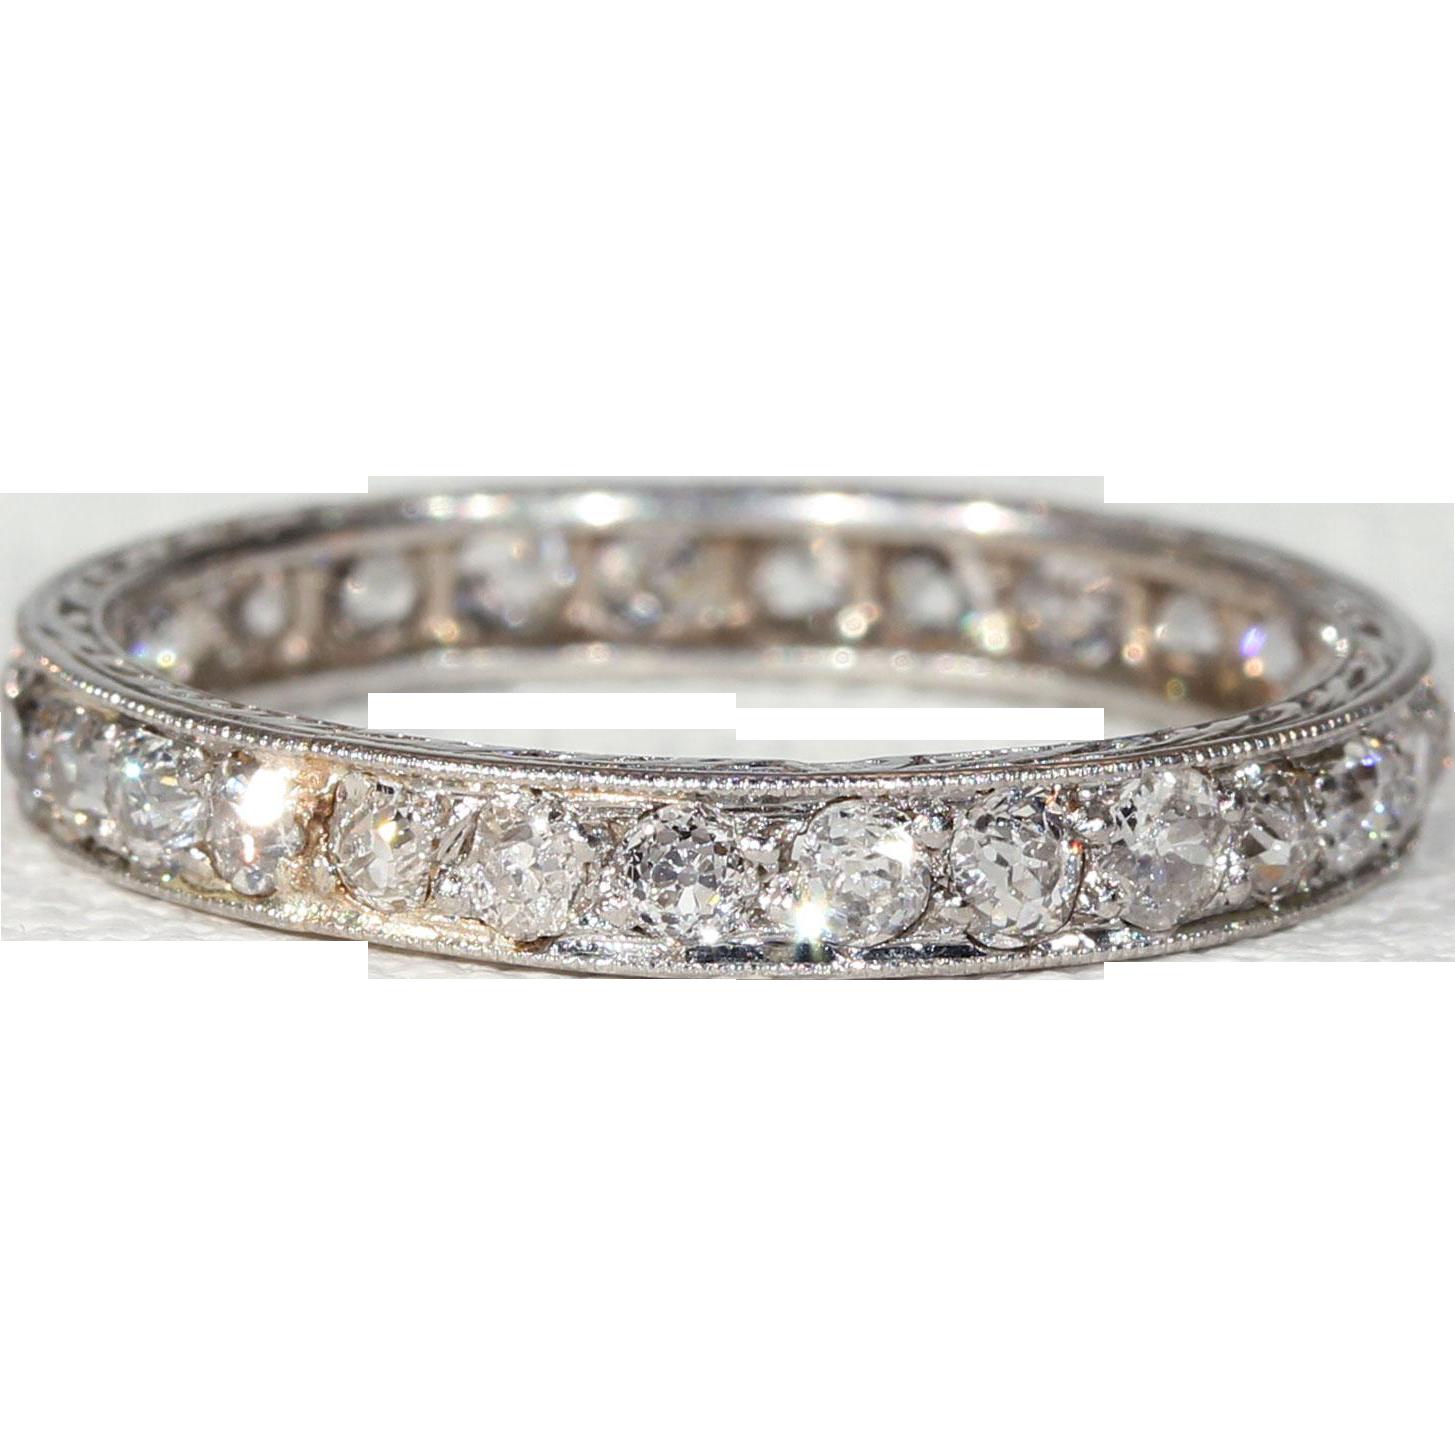 Vintage Edwardian Diamond Eternity Band Platinum Wedding